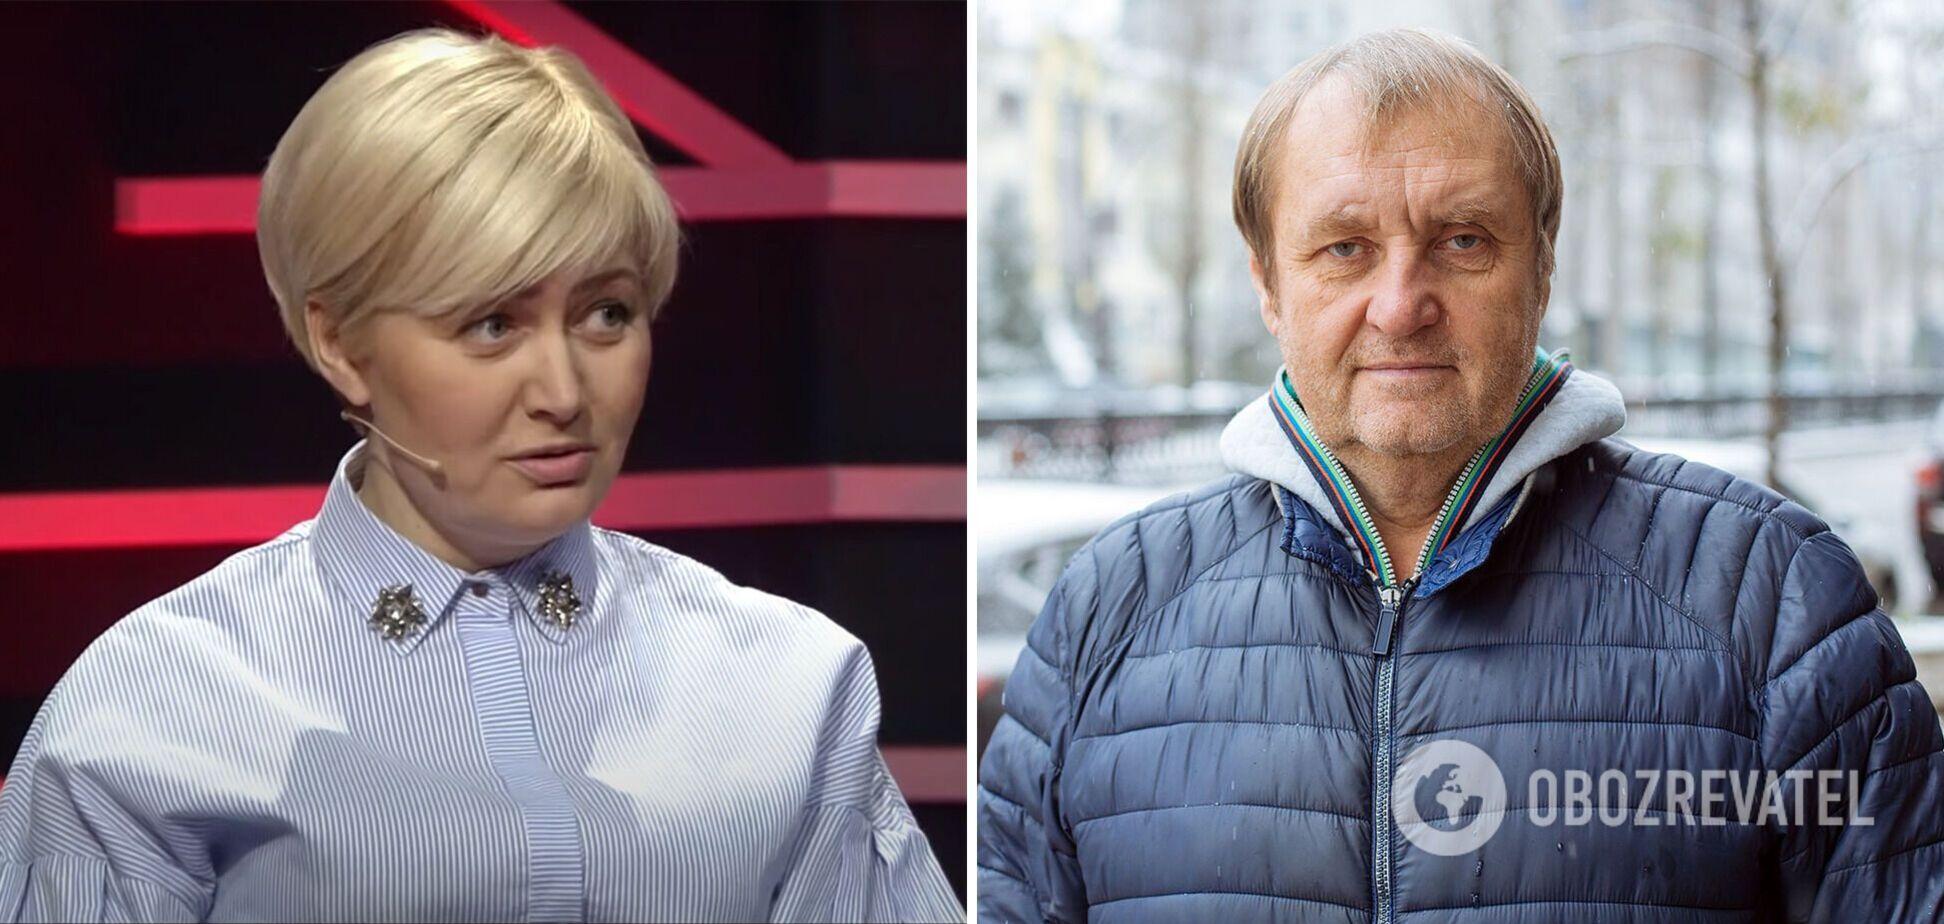 Бебешко пояснив свою позицію в суперечці з Ніцой через українську мову